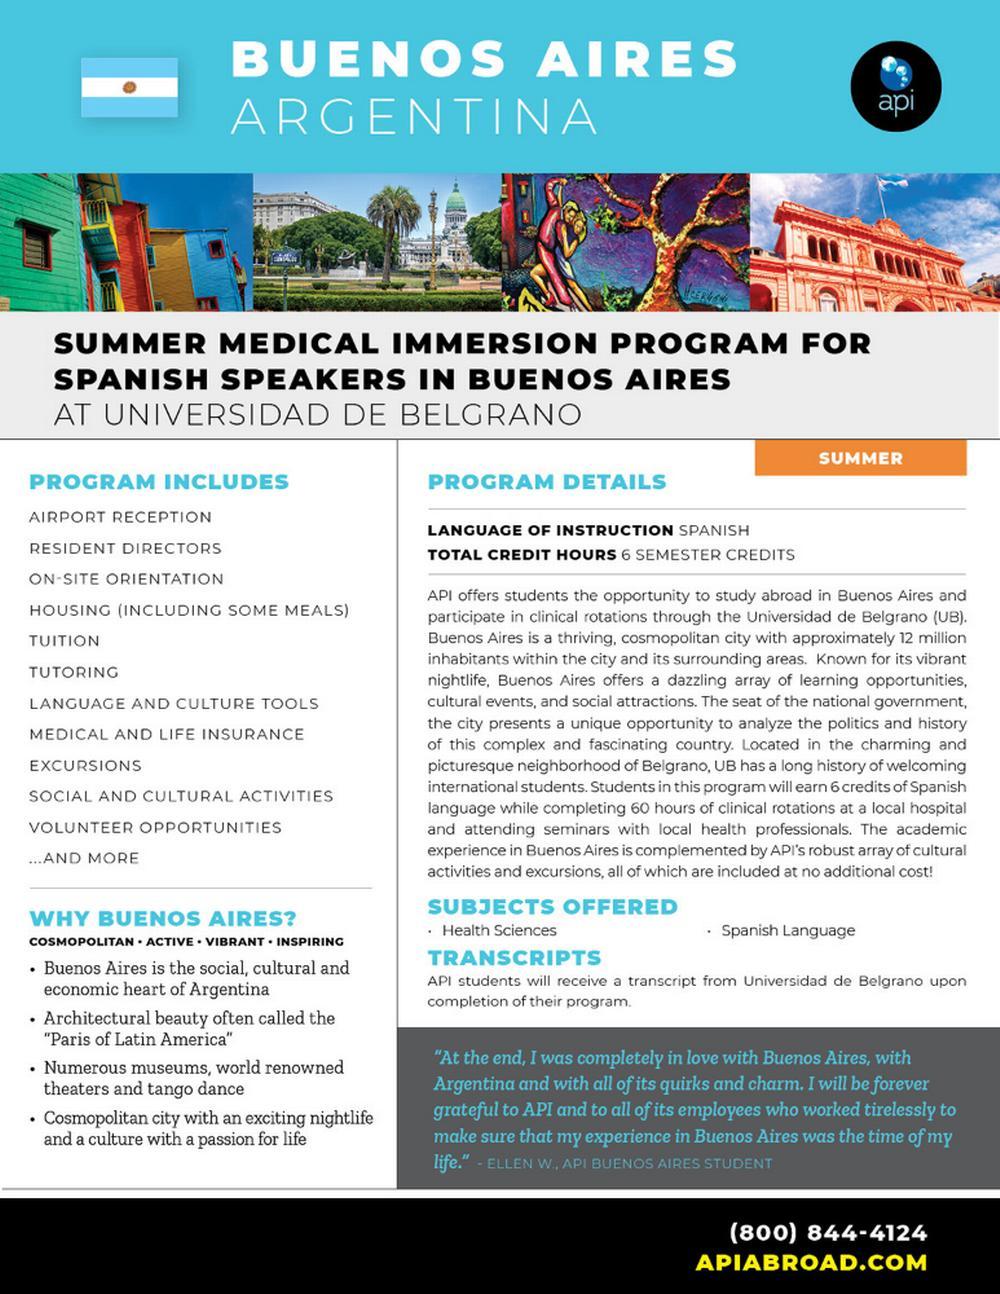 Summer Medical Immersion